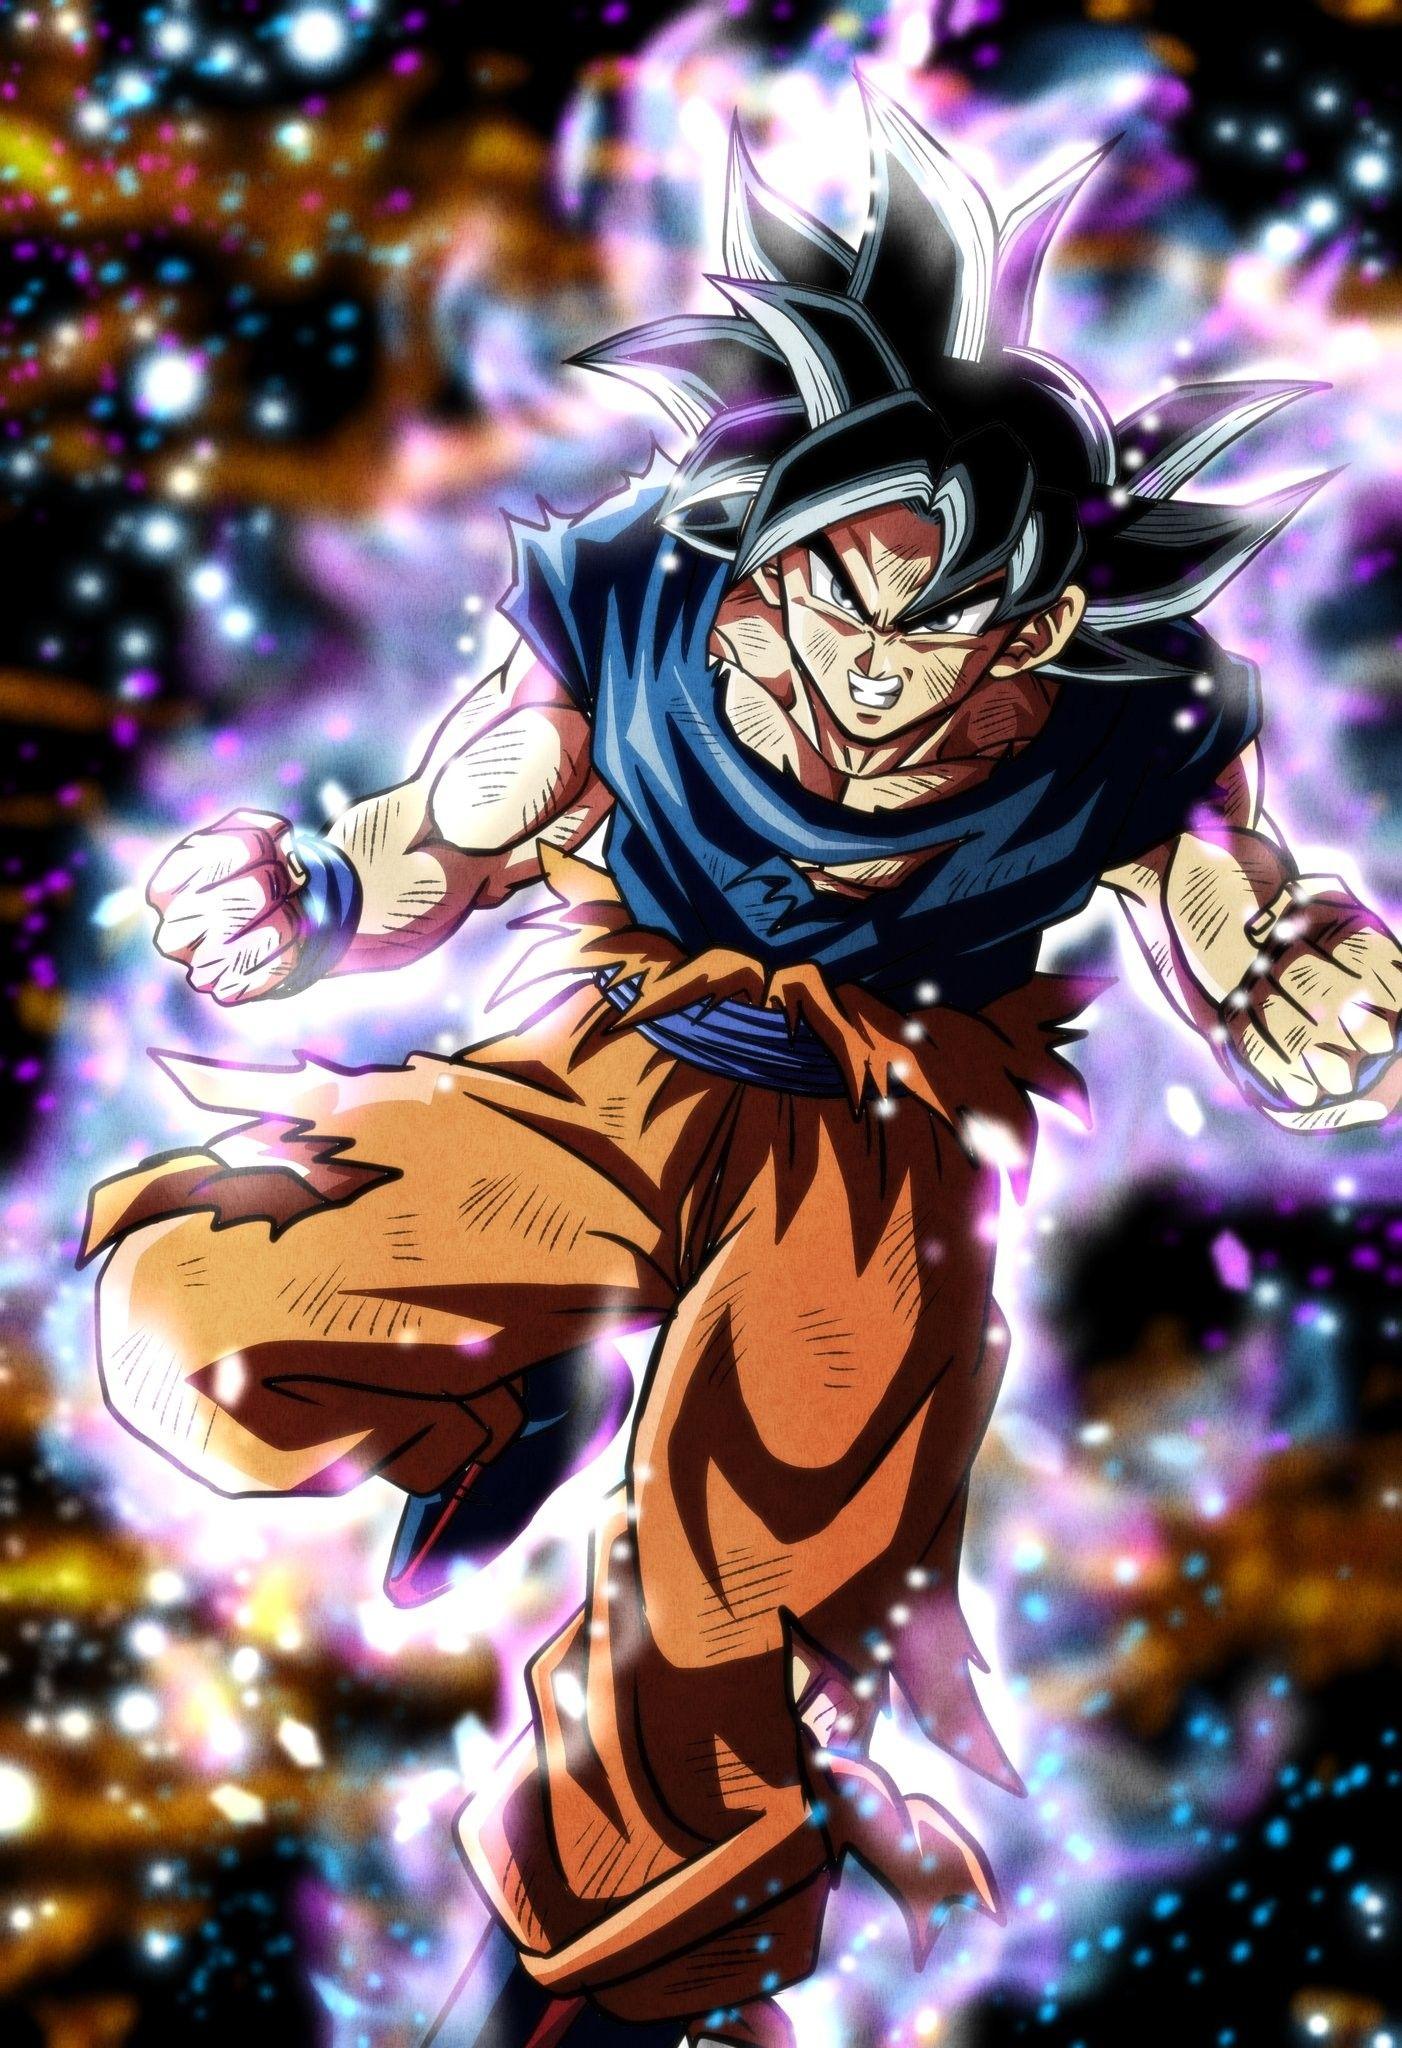 Goku Ultra Instinct By Akabeco Anime Dragon Ball Dragon Ball Super Goku Dragon Ball Super Wallpapers